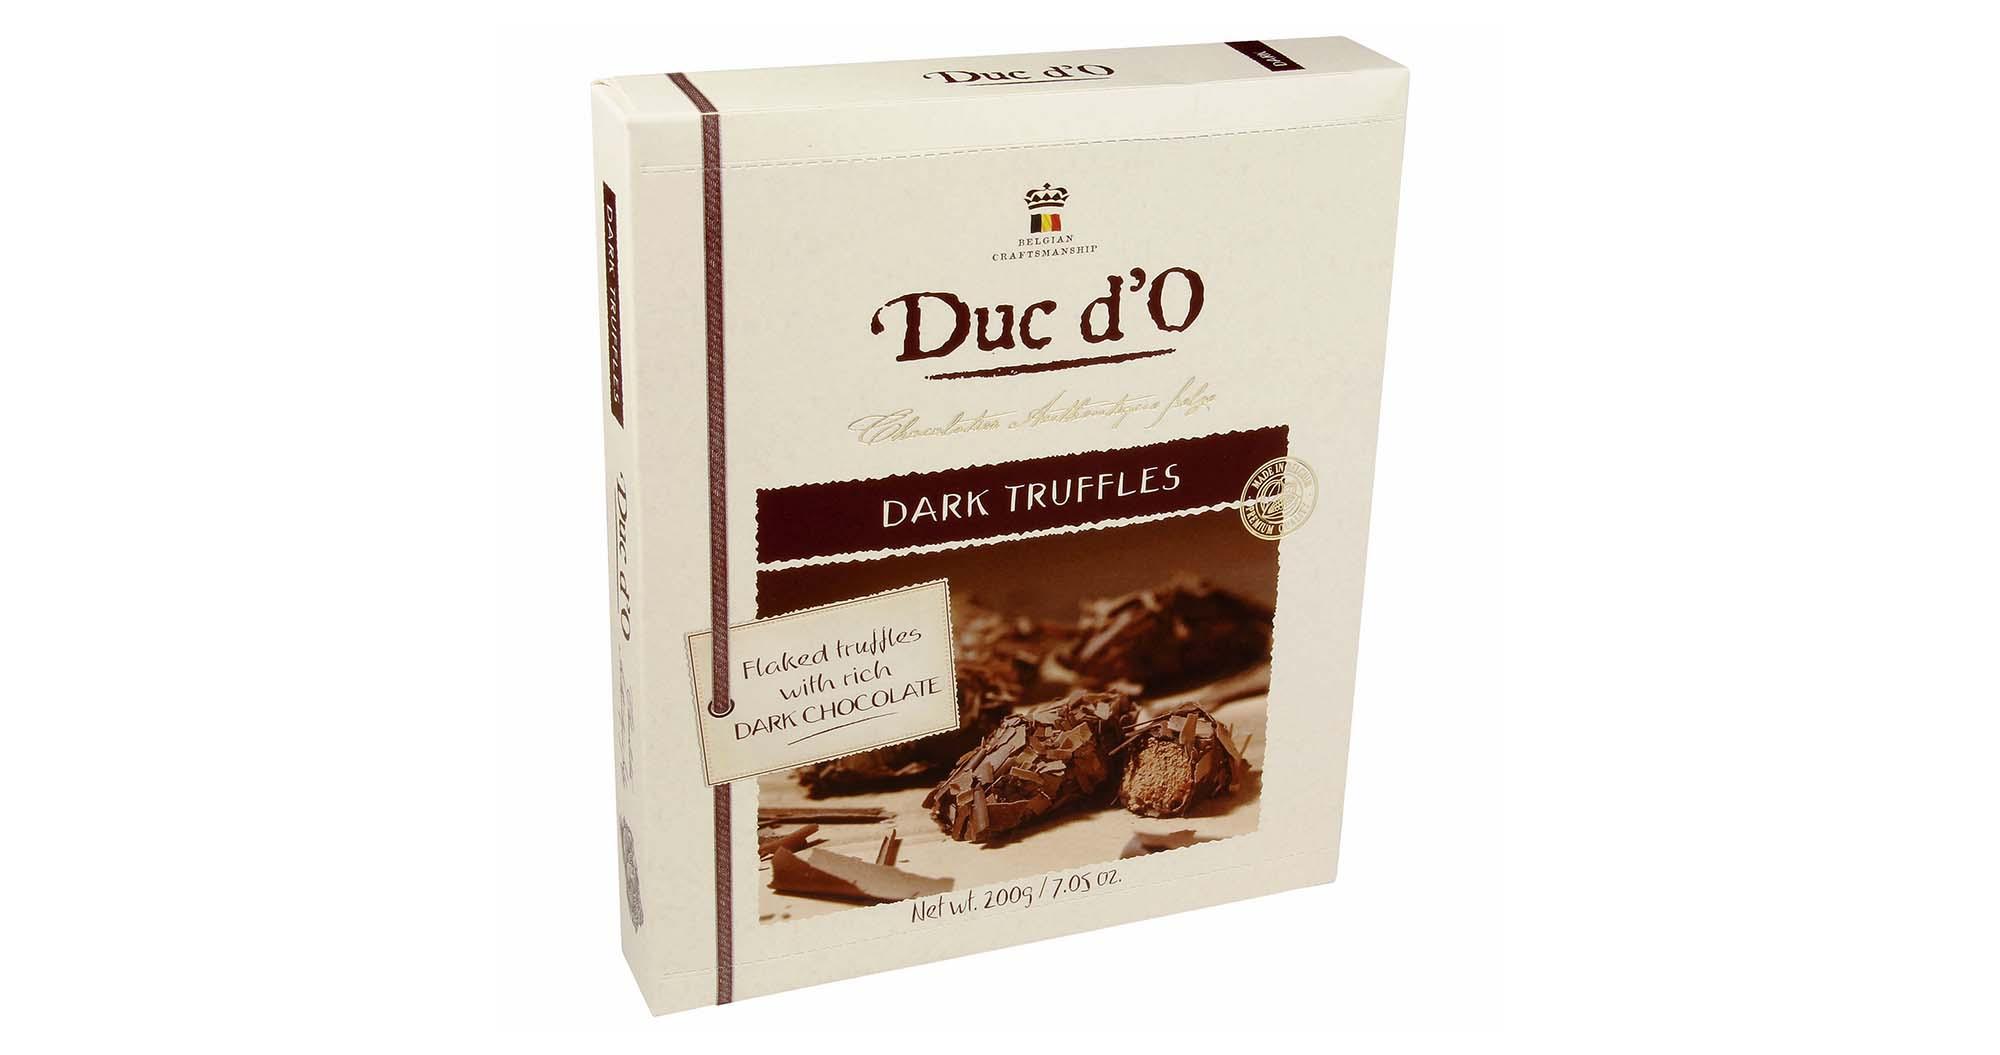 103-30014-999 Truffles dark 200g (103-30014-999)